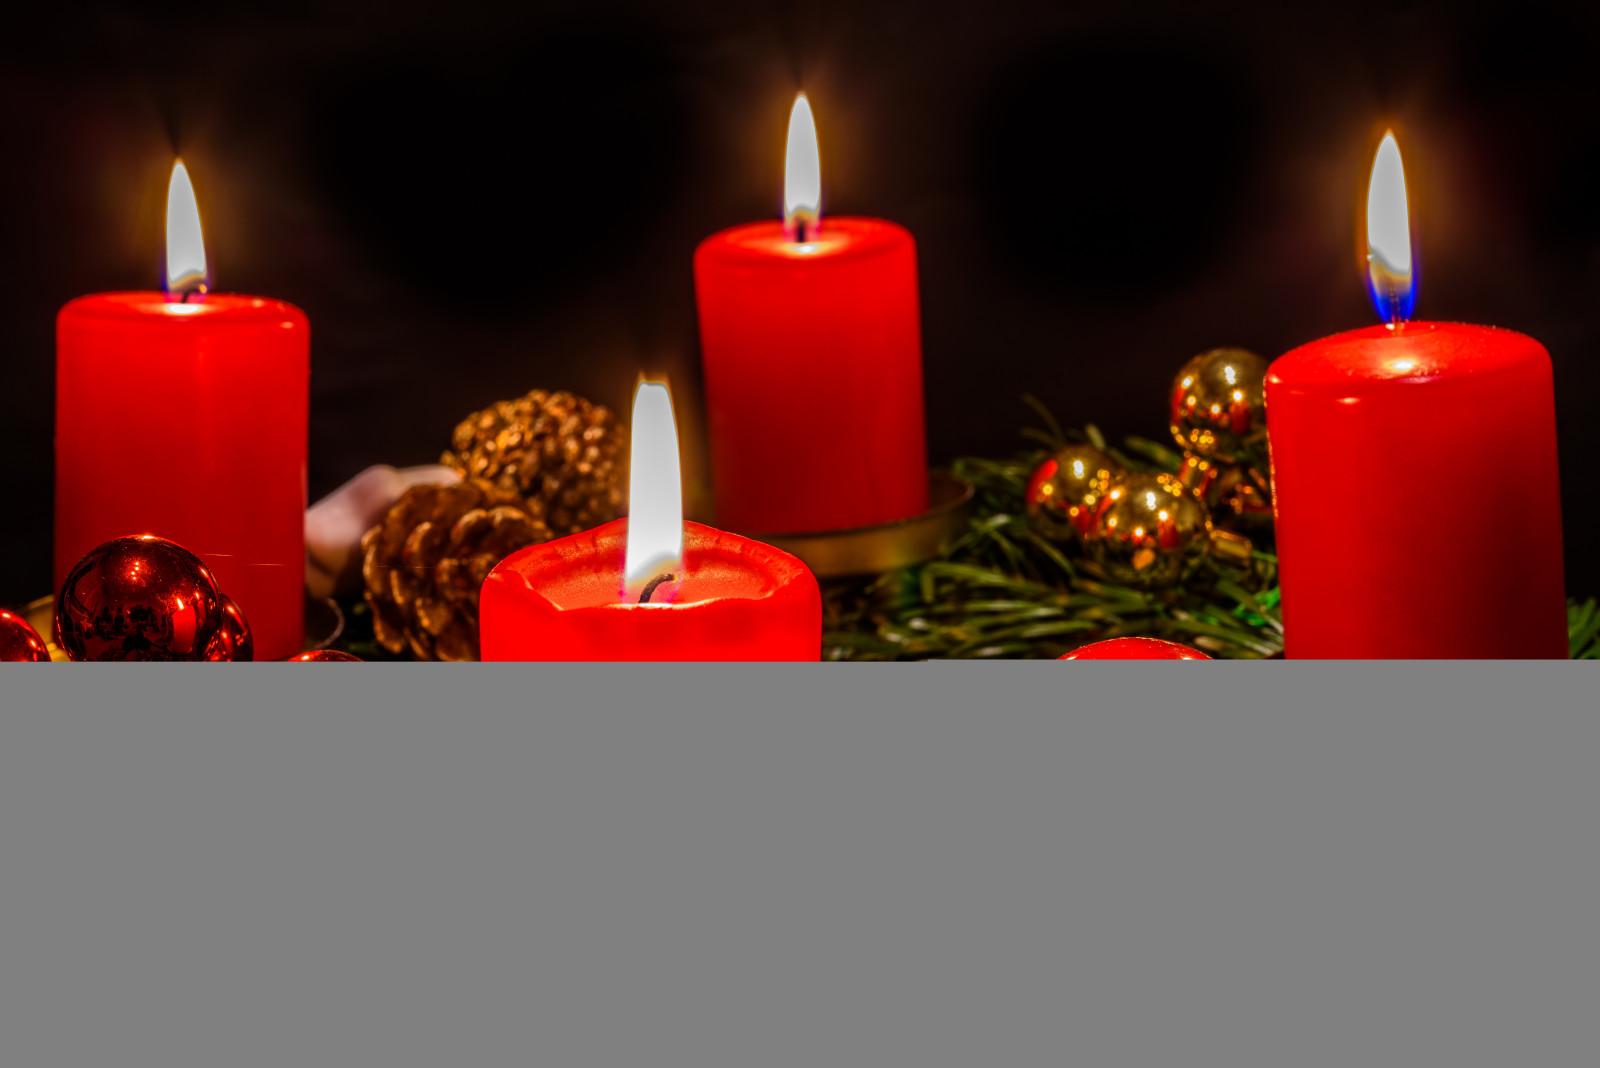 Hintergrundbilder rot kerzen nikon weihnachten - Advent hintergrundbilder ...